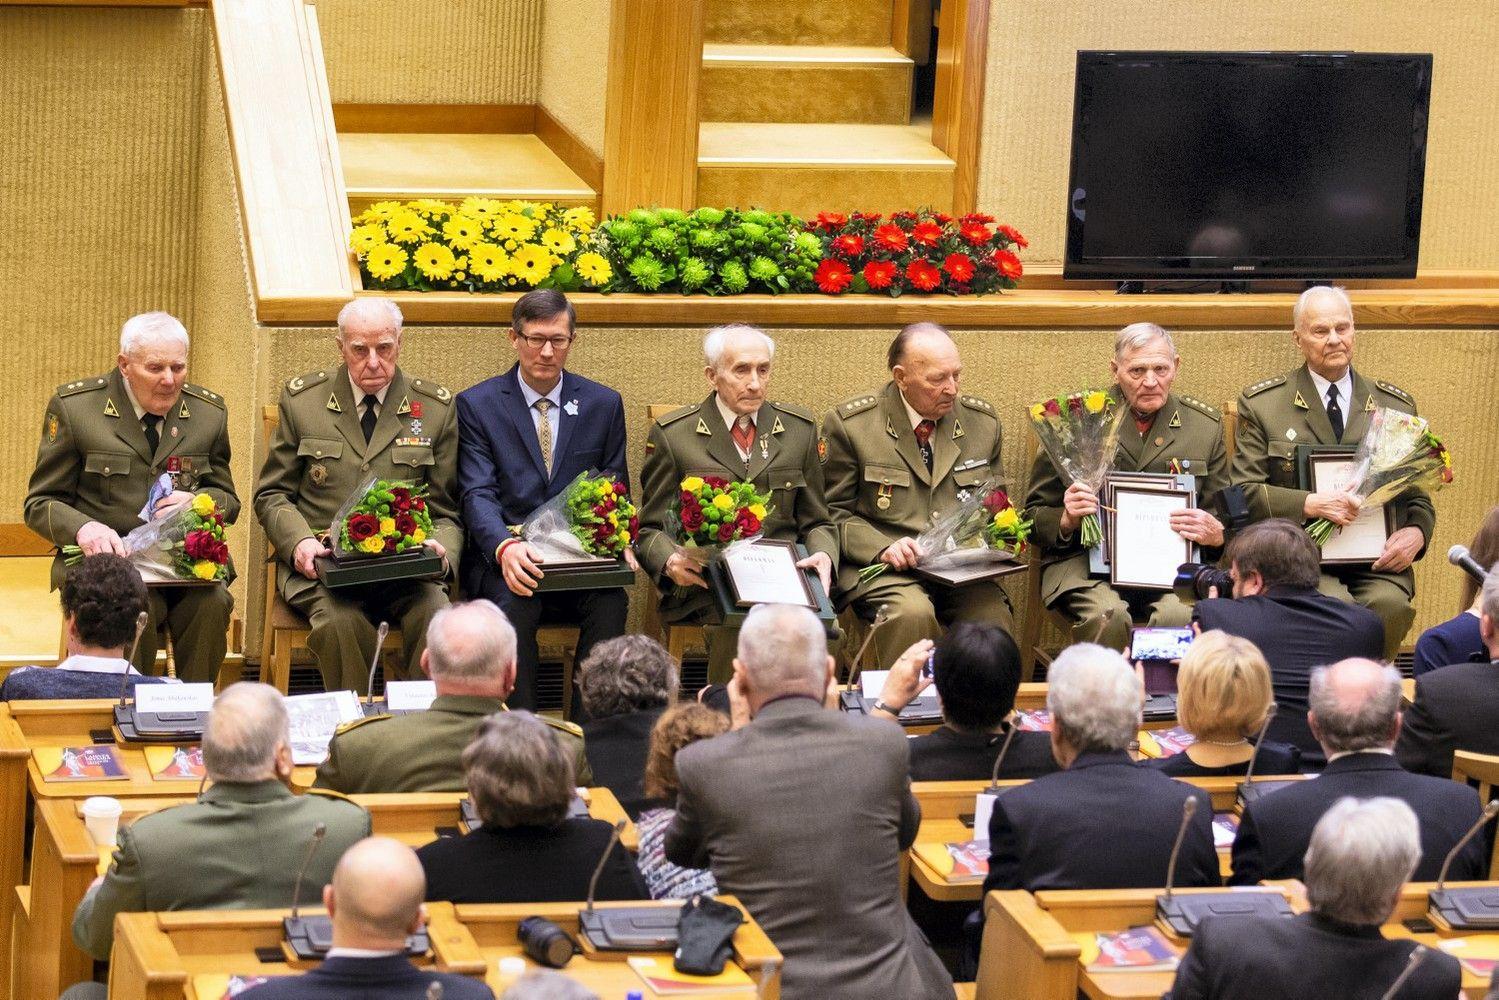 Sausio 13-ąją Laisvės premija įteikta pokario partizanams